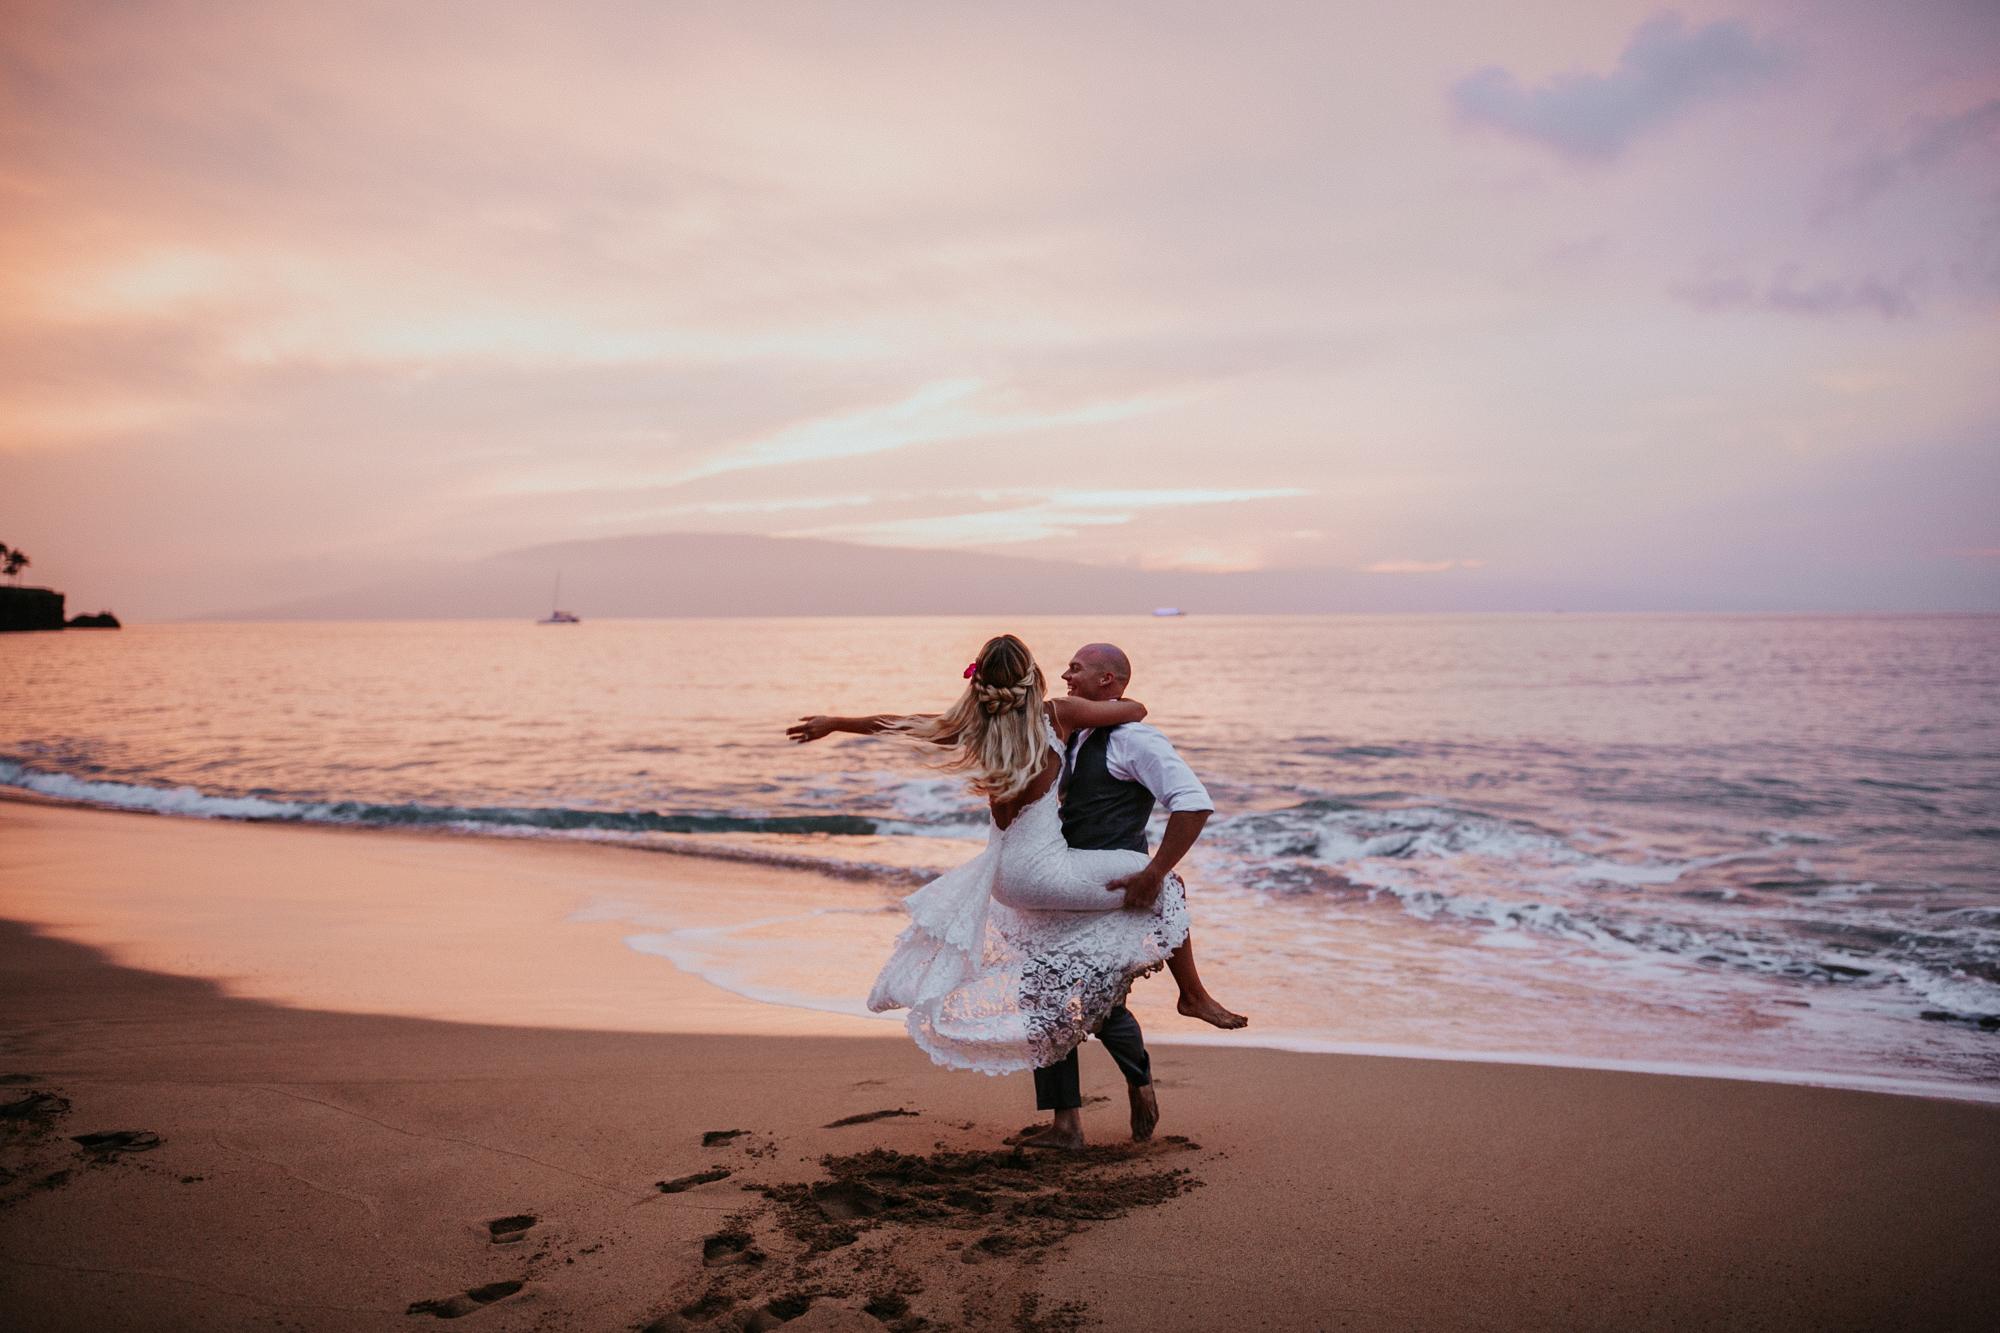 destination-wedding-photographer-hawaii-maui-elopement-109.jpg